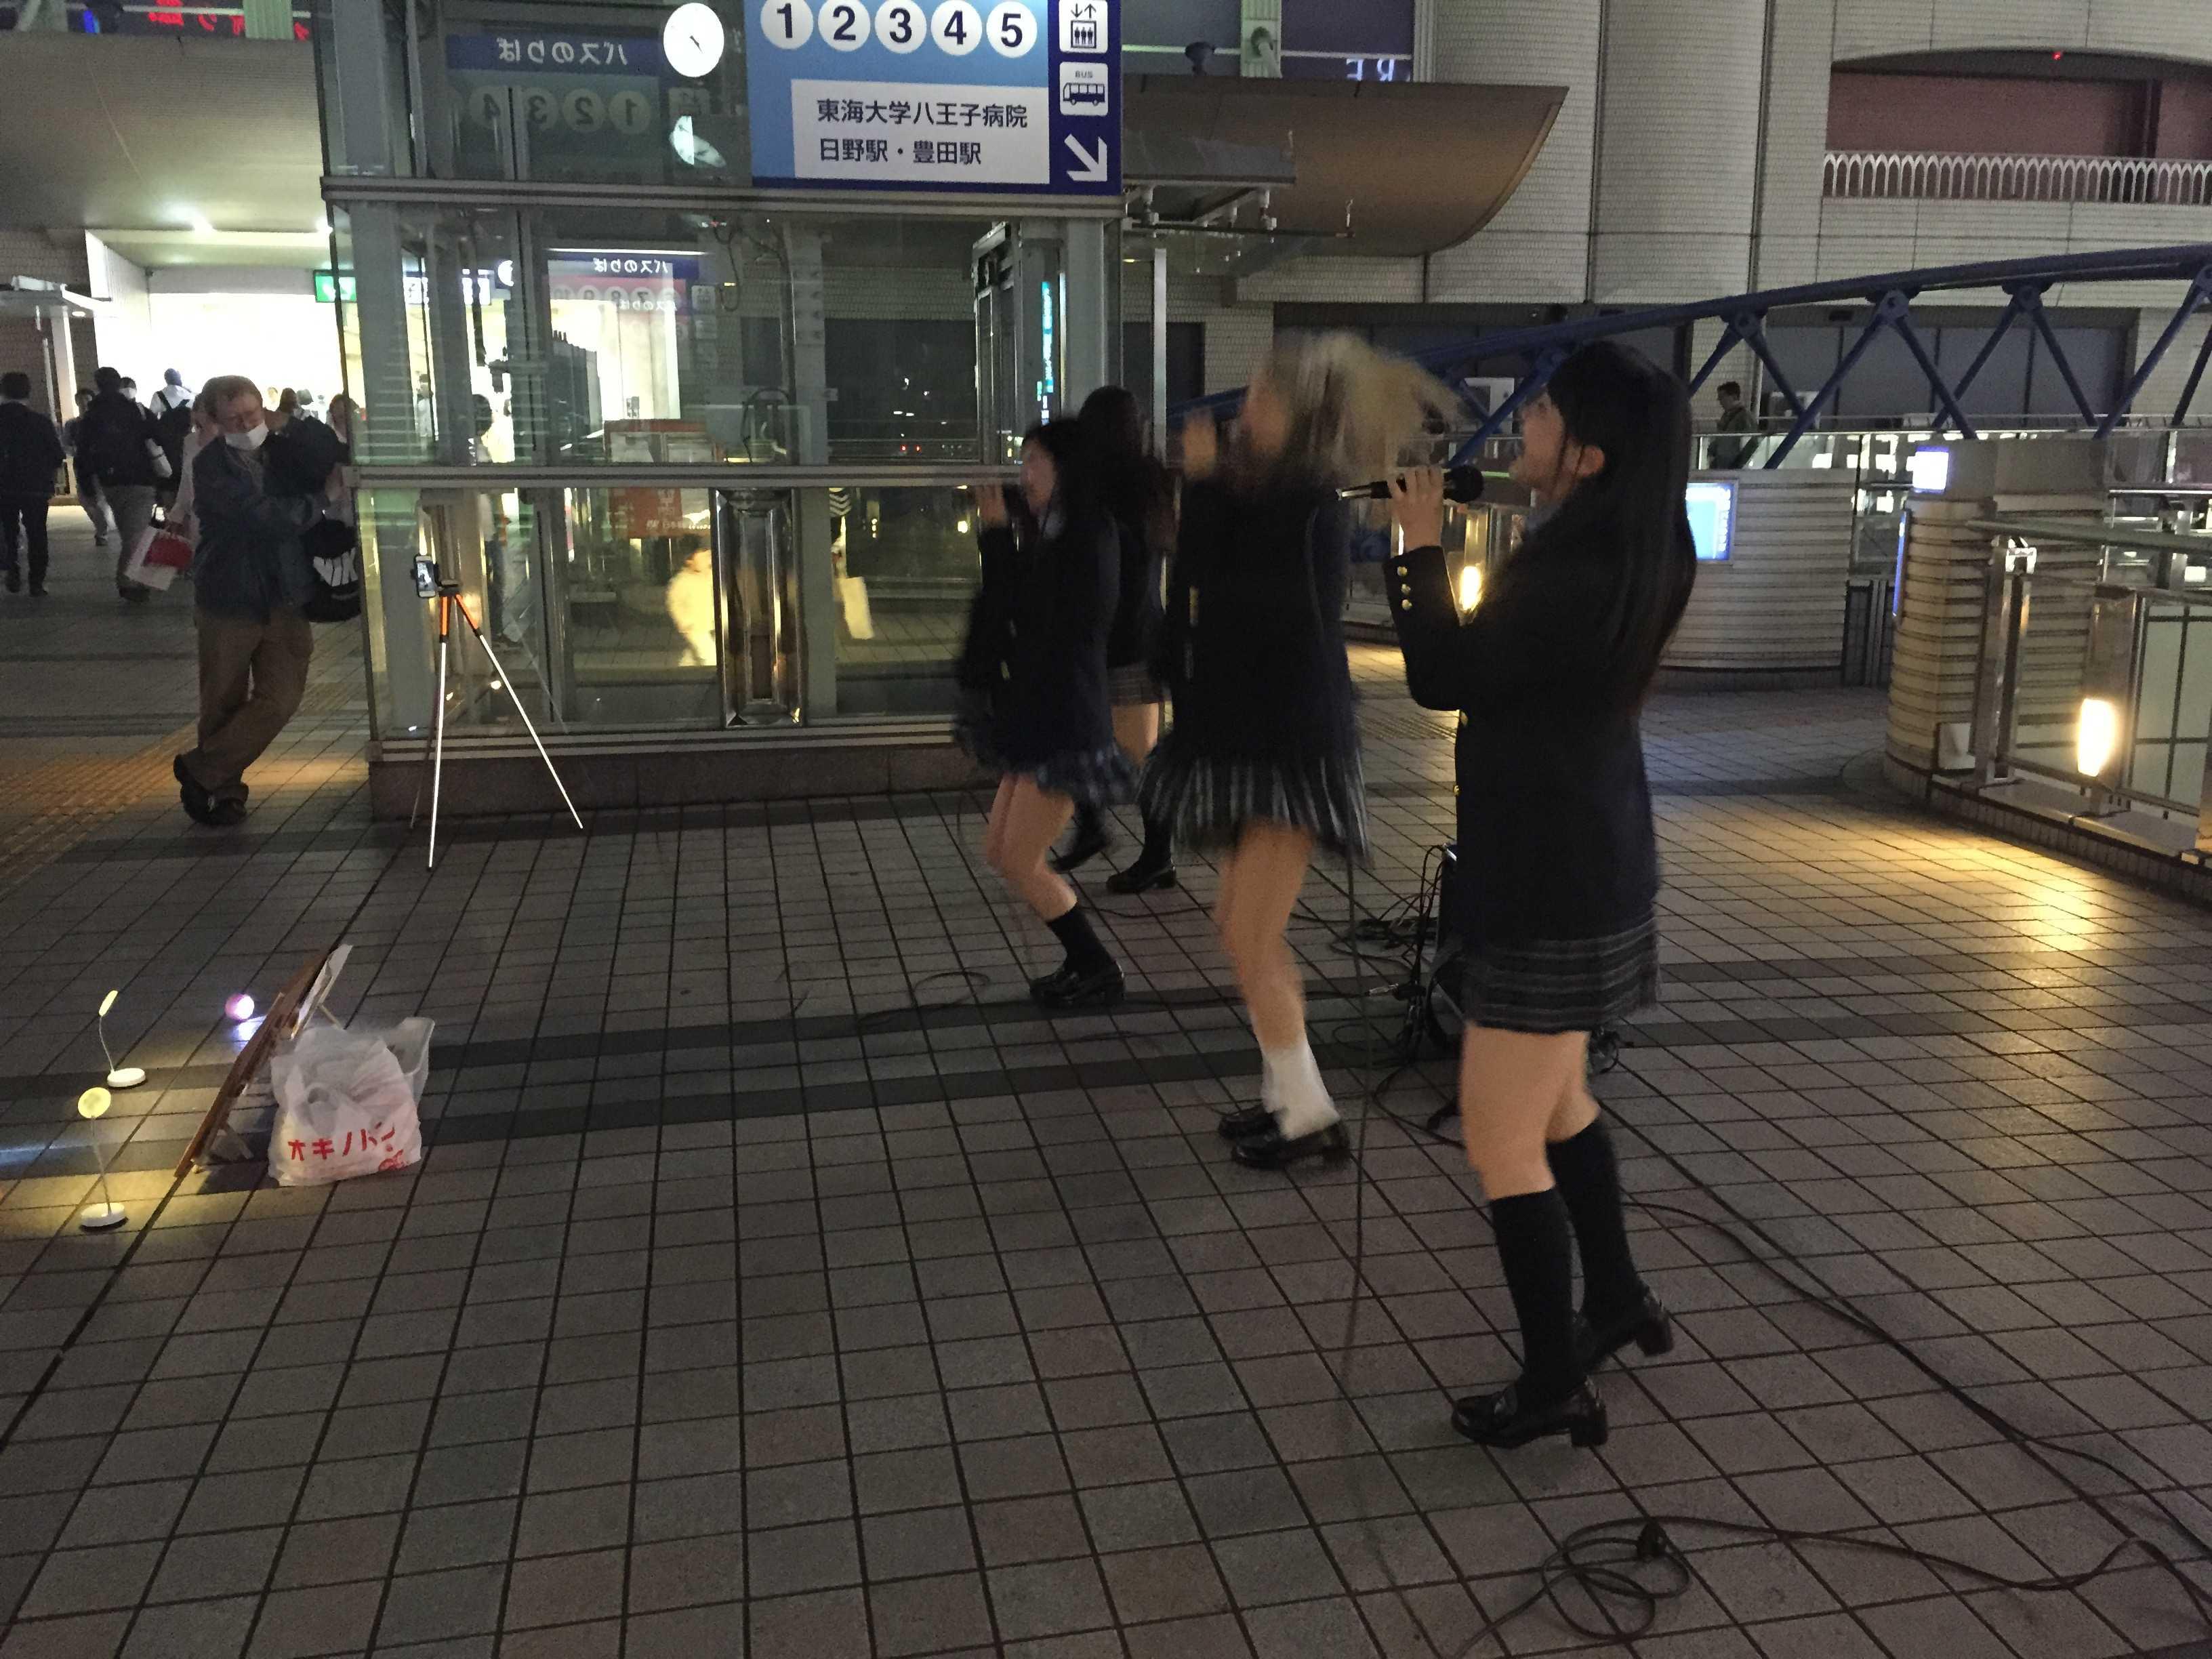 """JR八王子駅前のマルベリーブリッジの上で、歌い踊る """"はちぷり""""こと 8princess"""